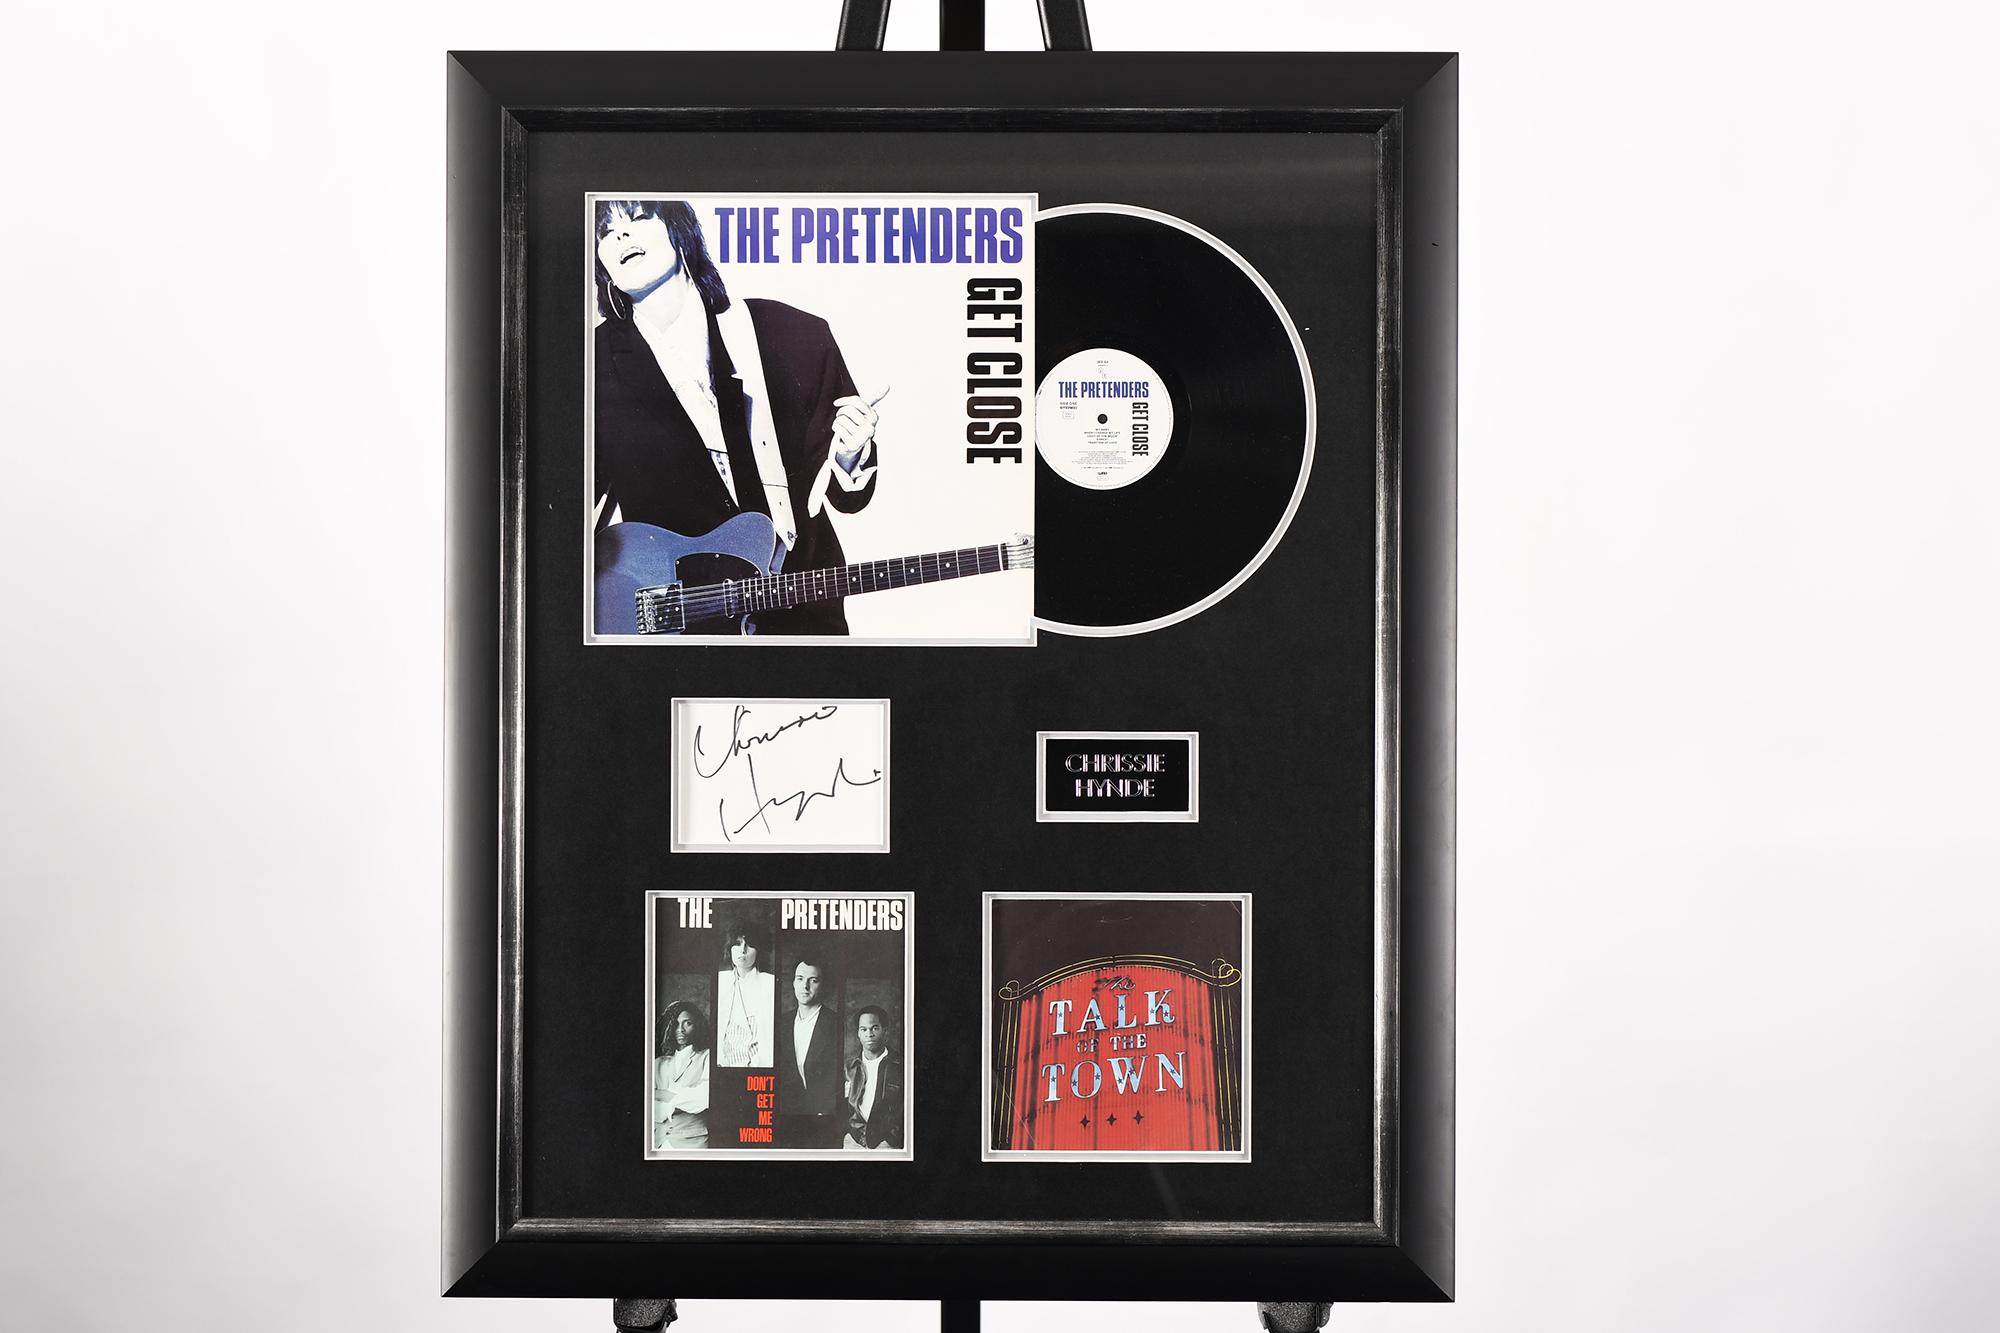 Framed Signed Chrissie Hynde Presentation